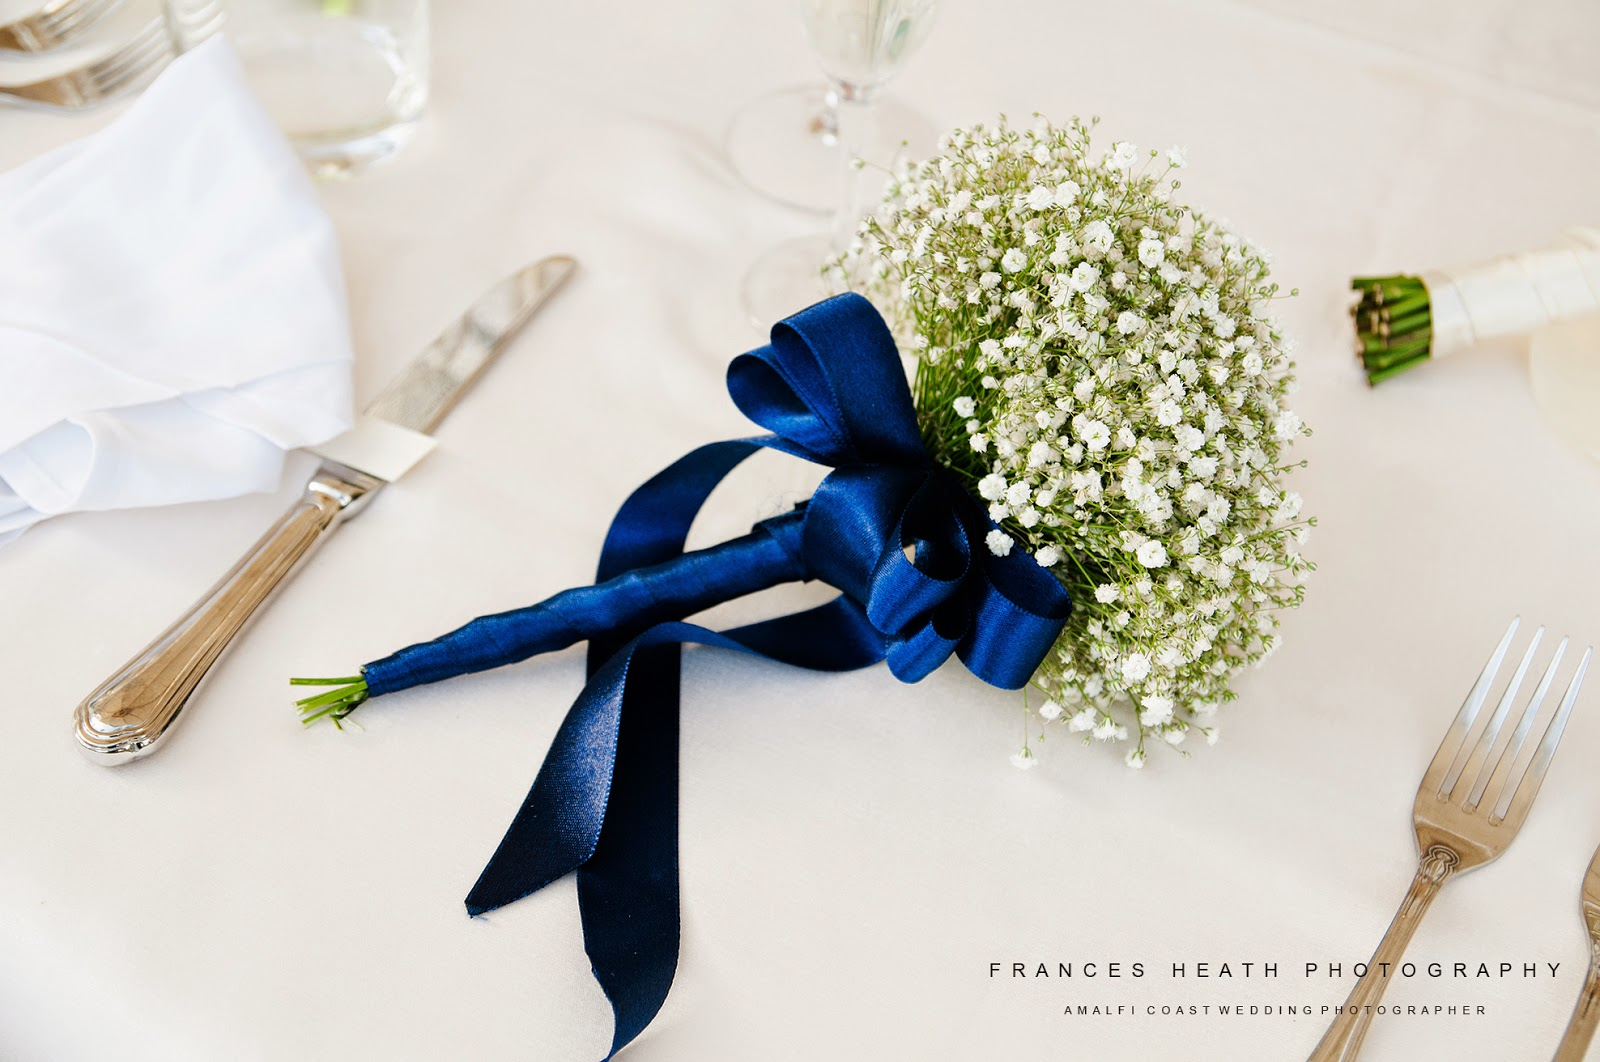 Bouquet at wedding reception in Positano